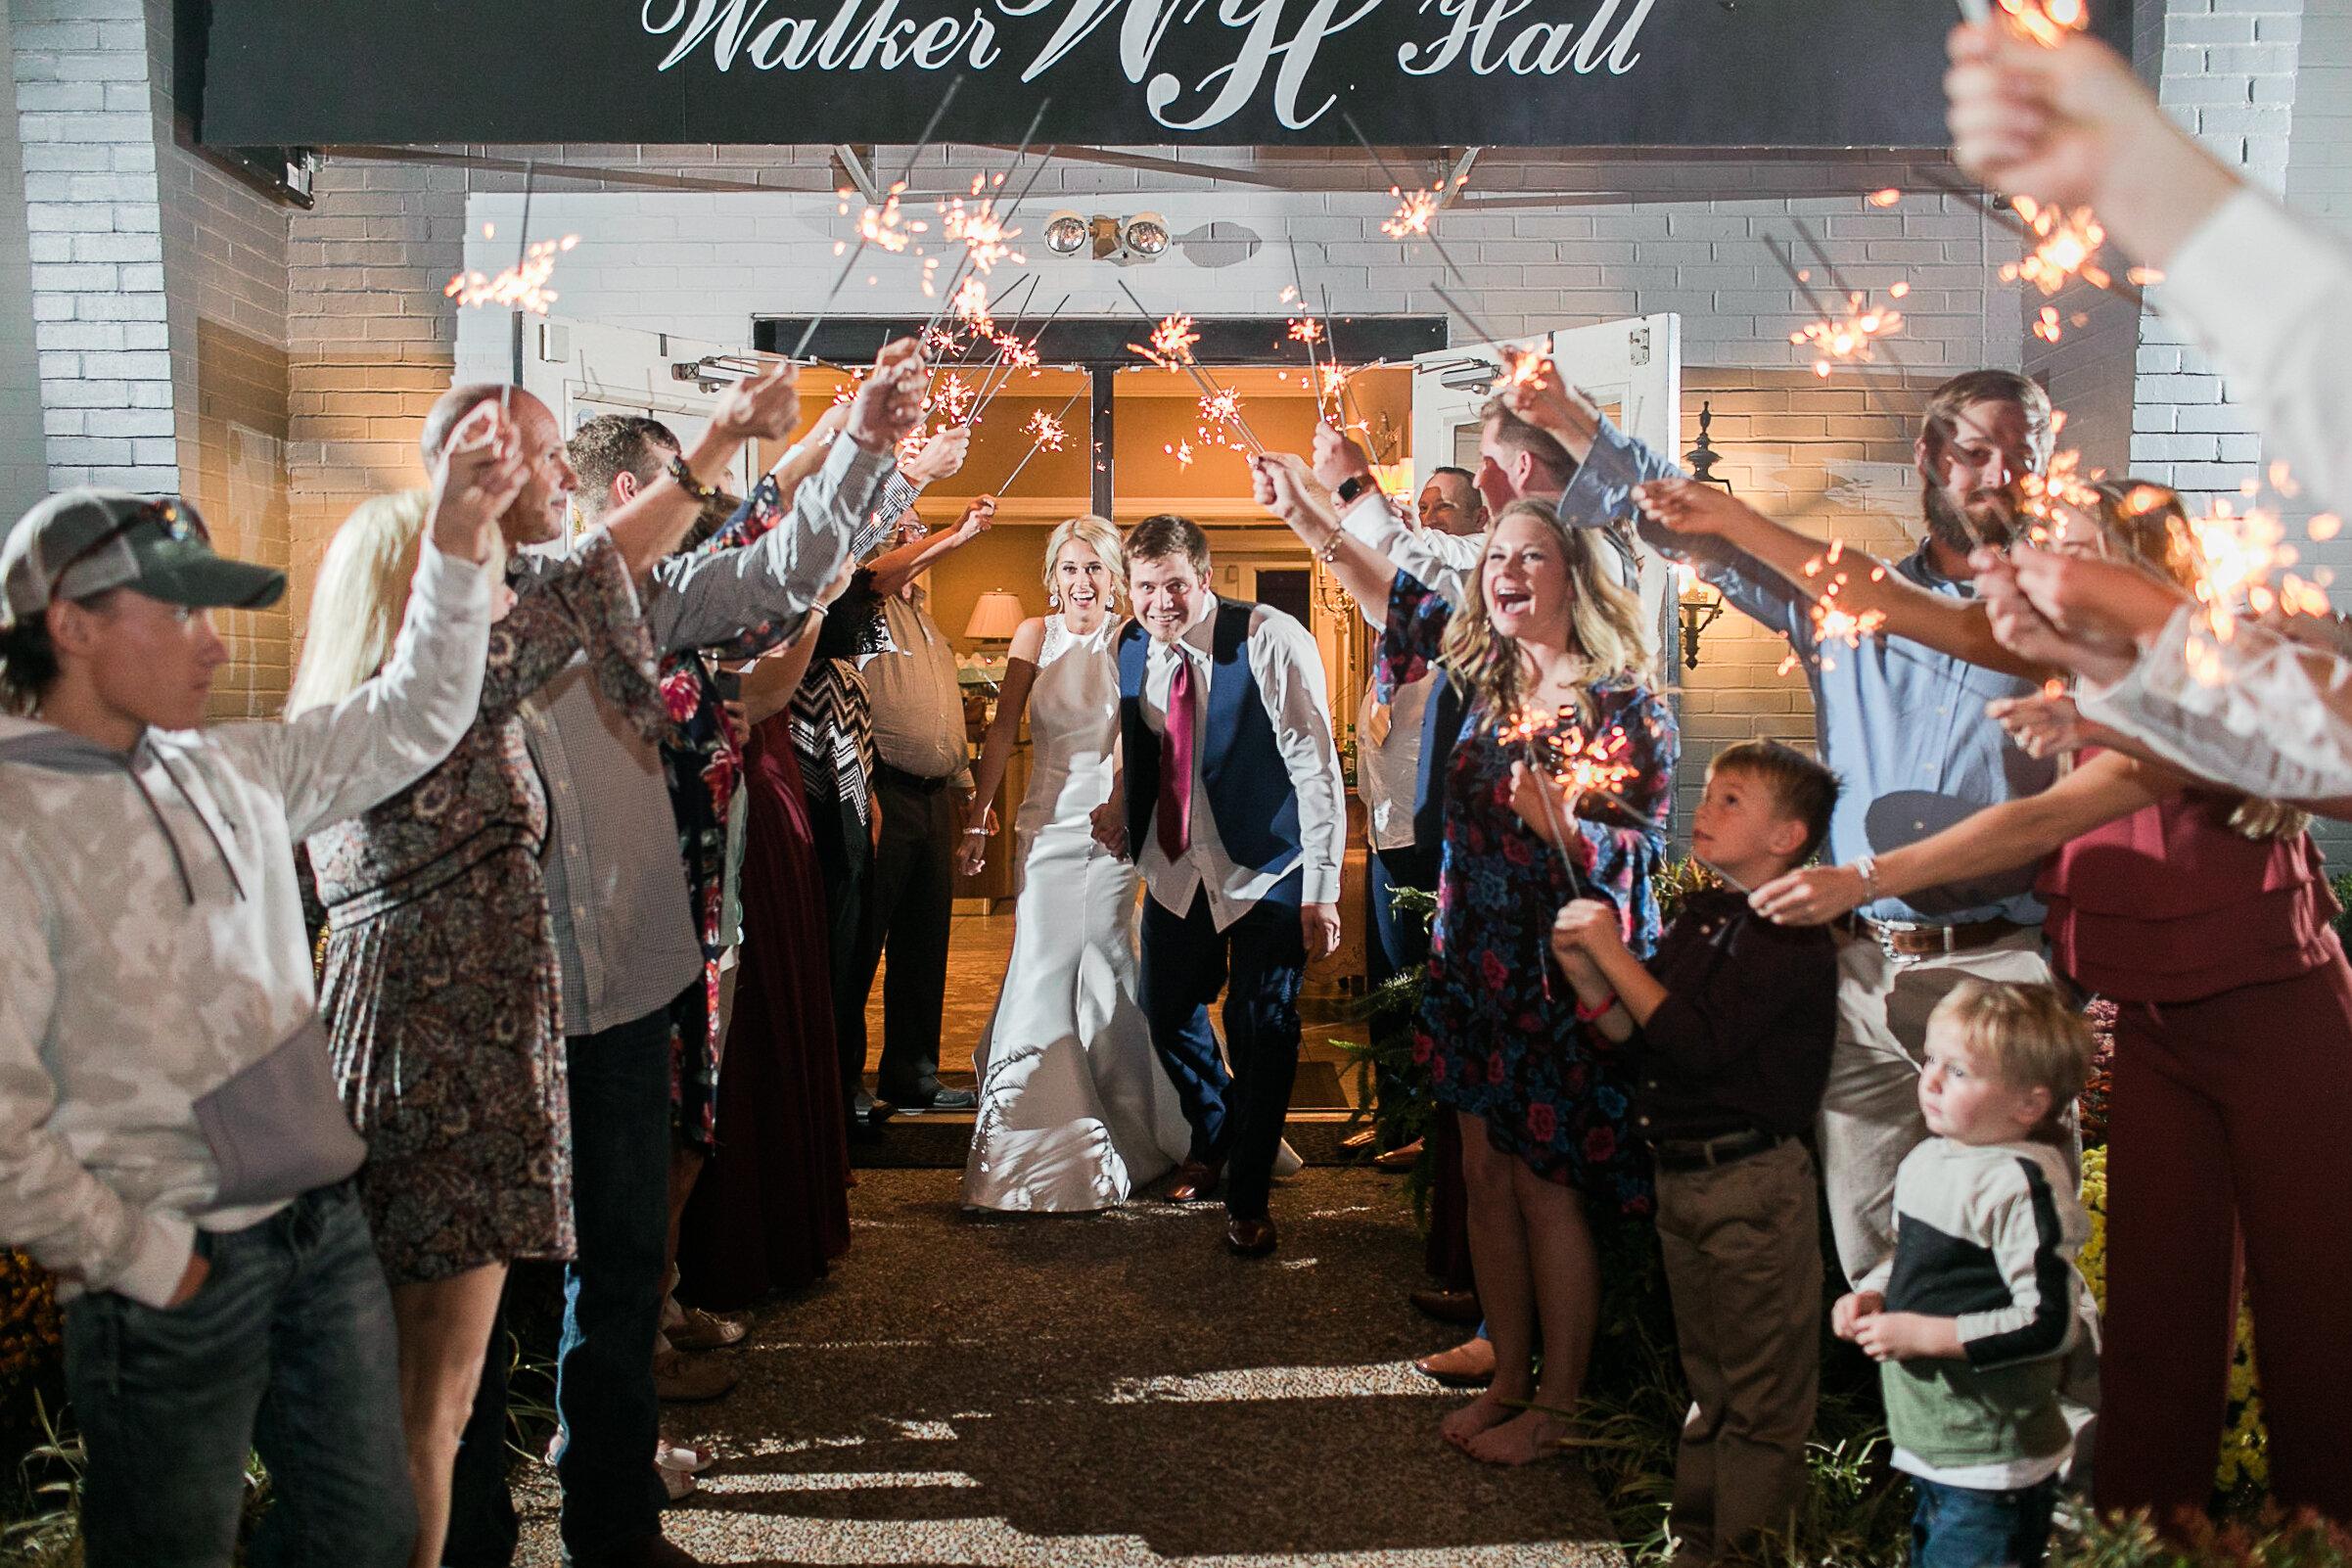 Chelsea-Hayden-wedding-849.jpg